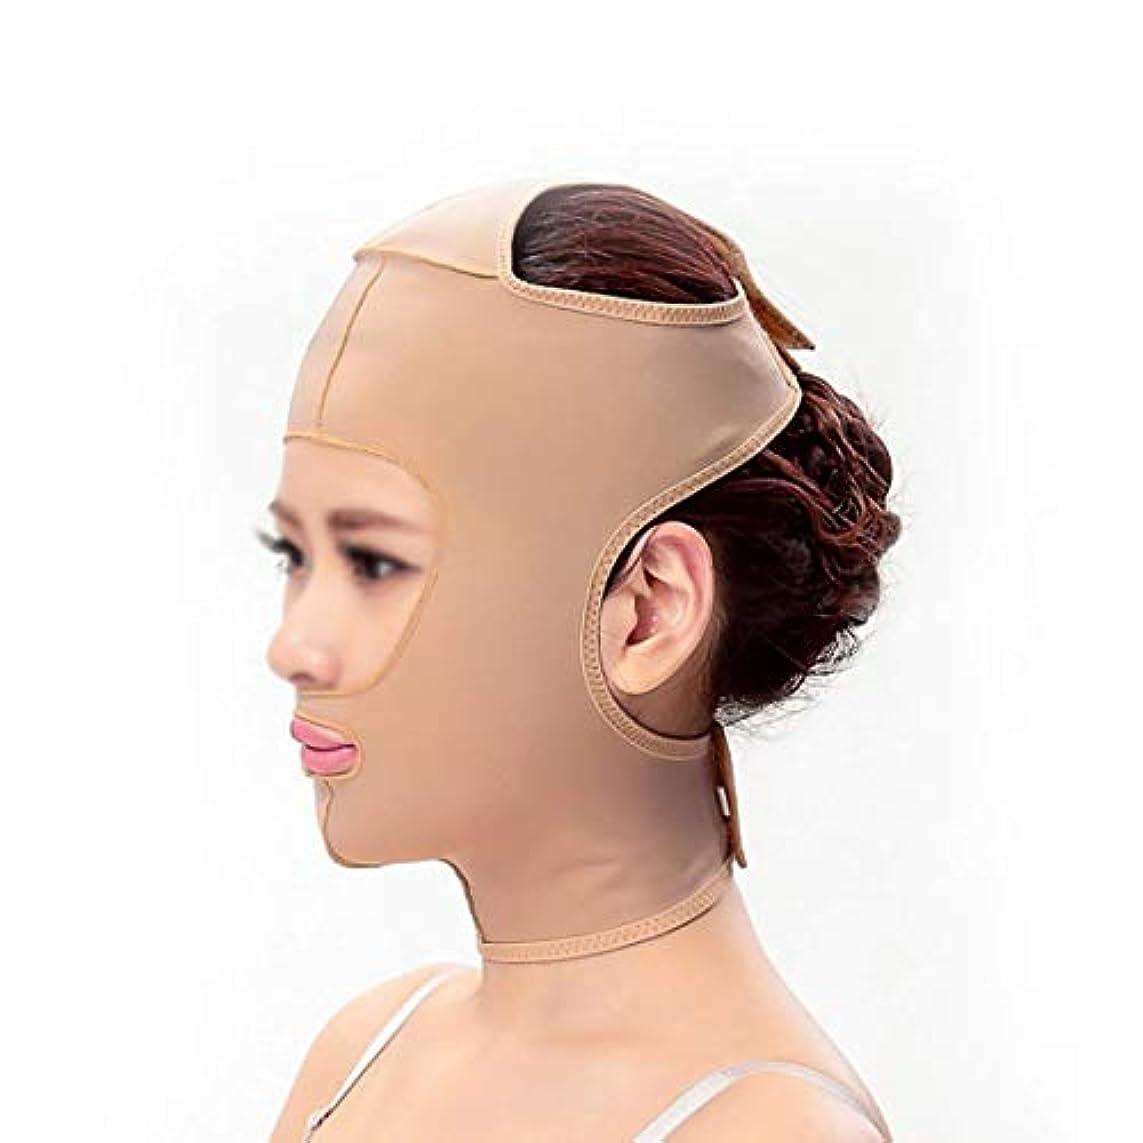 地平線吐き出す復讐スリミングベルト、二重あごの引き締め顔面プラスチックフェイスアーティファクト強力なフェイスバンデージをサイズアップするために顔面マスクシンフェイスマスク,S